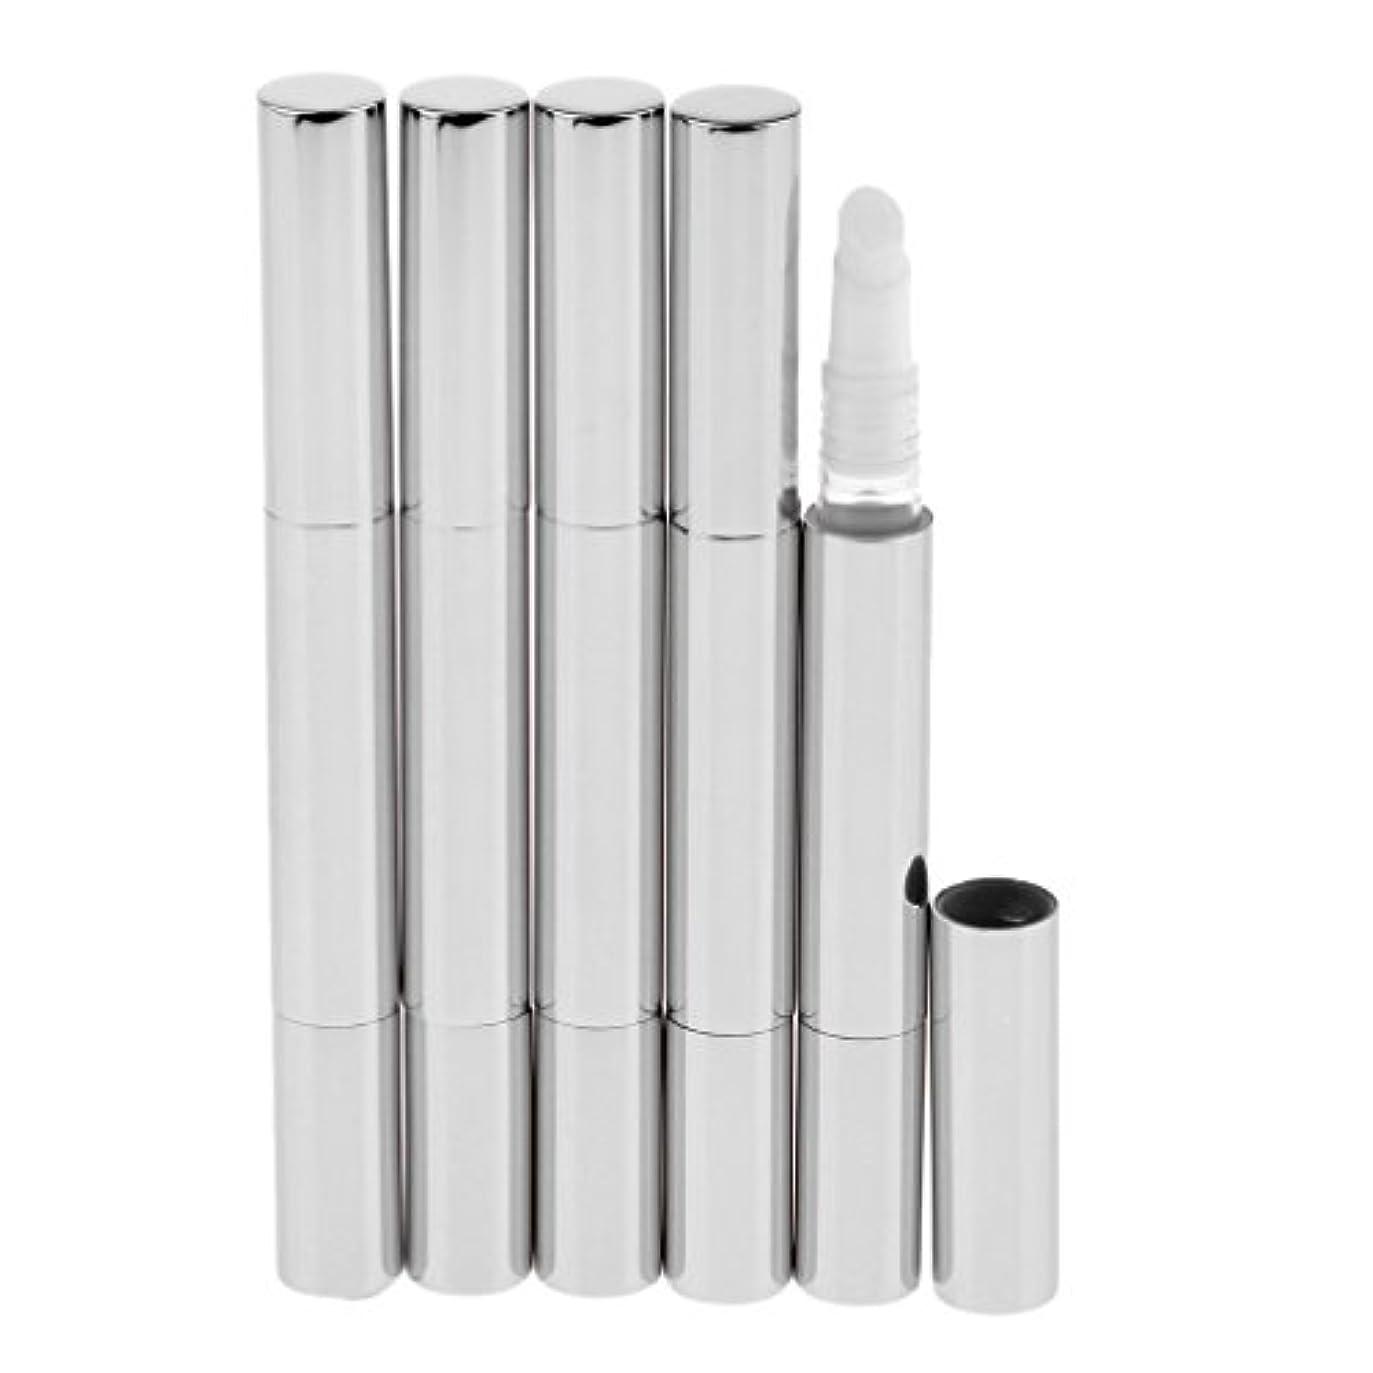 どうしたのビュッフェ乱すBaosity 5個 メイクアップ ツイストペン ブラシヘッド付き 3ml リップグロス まつげチューブ コスメ用詰替え容器 DIY 便利 5色選べる - 銀